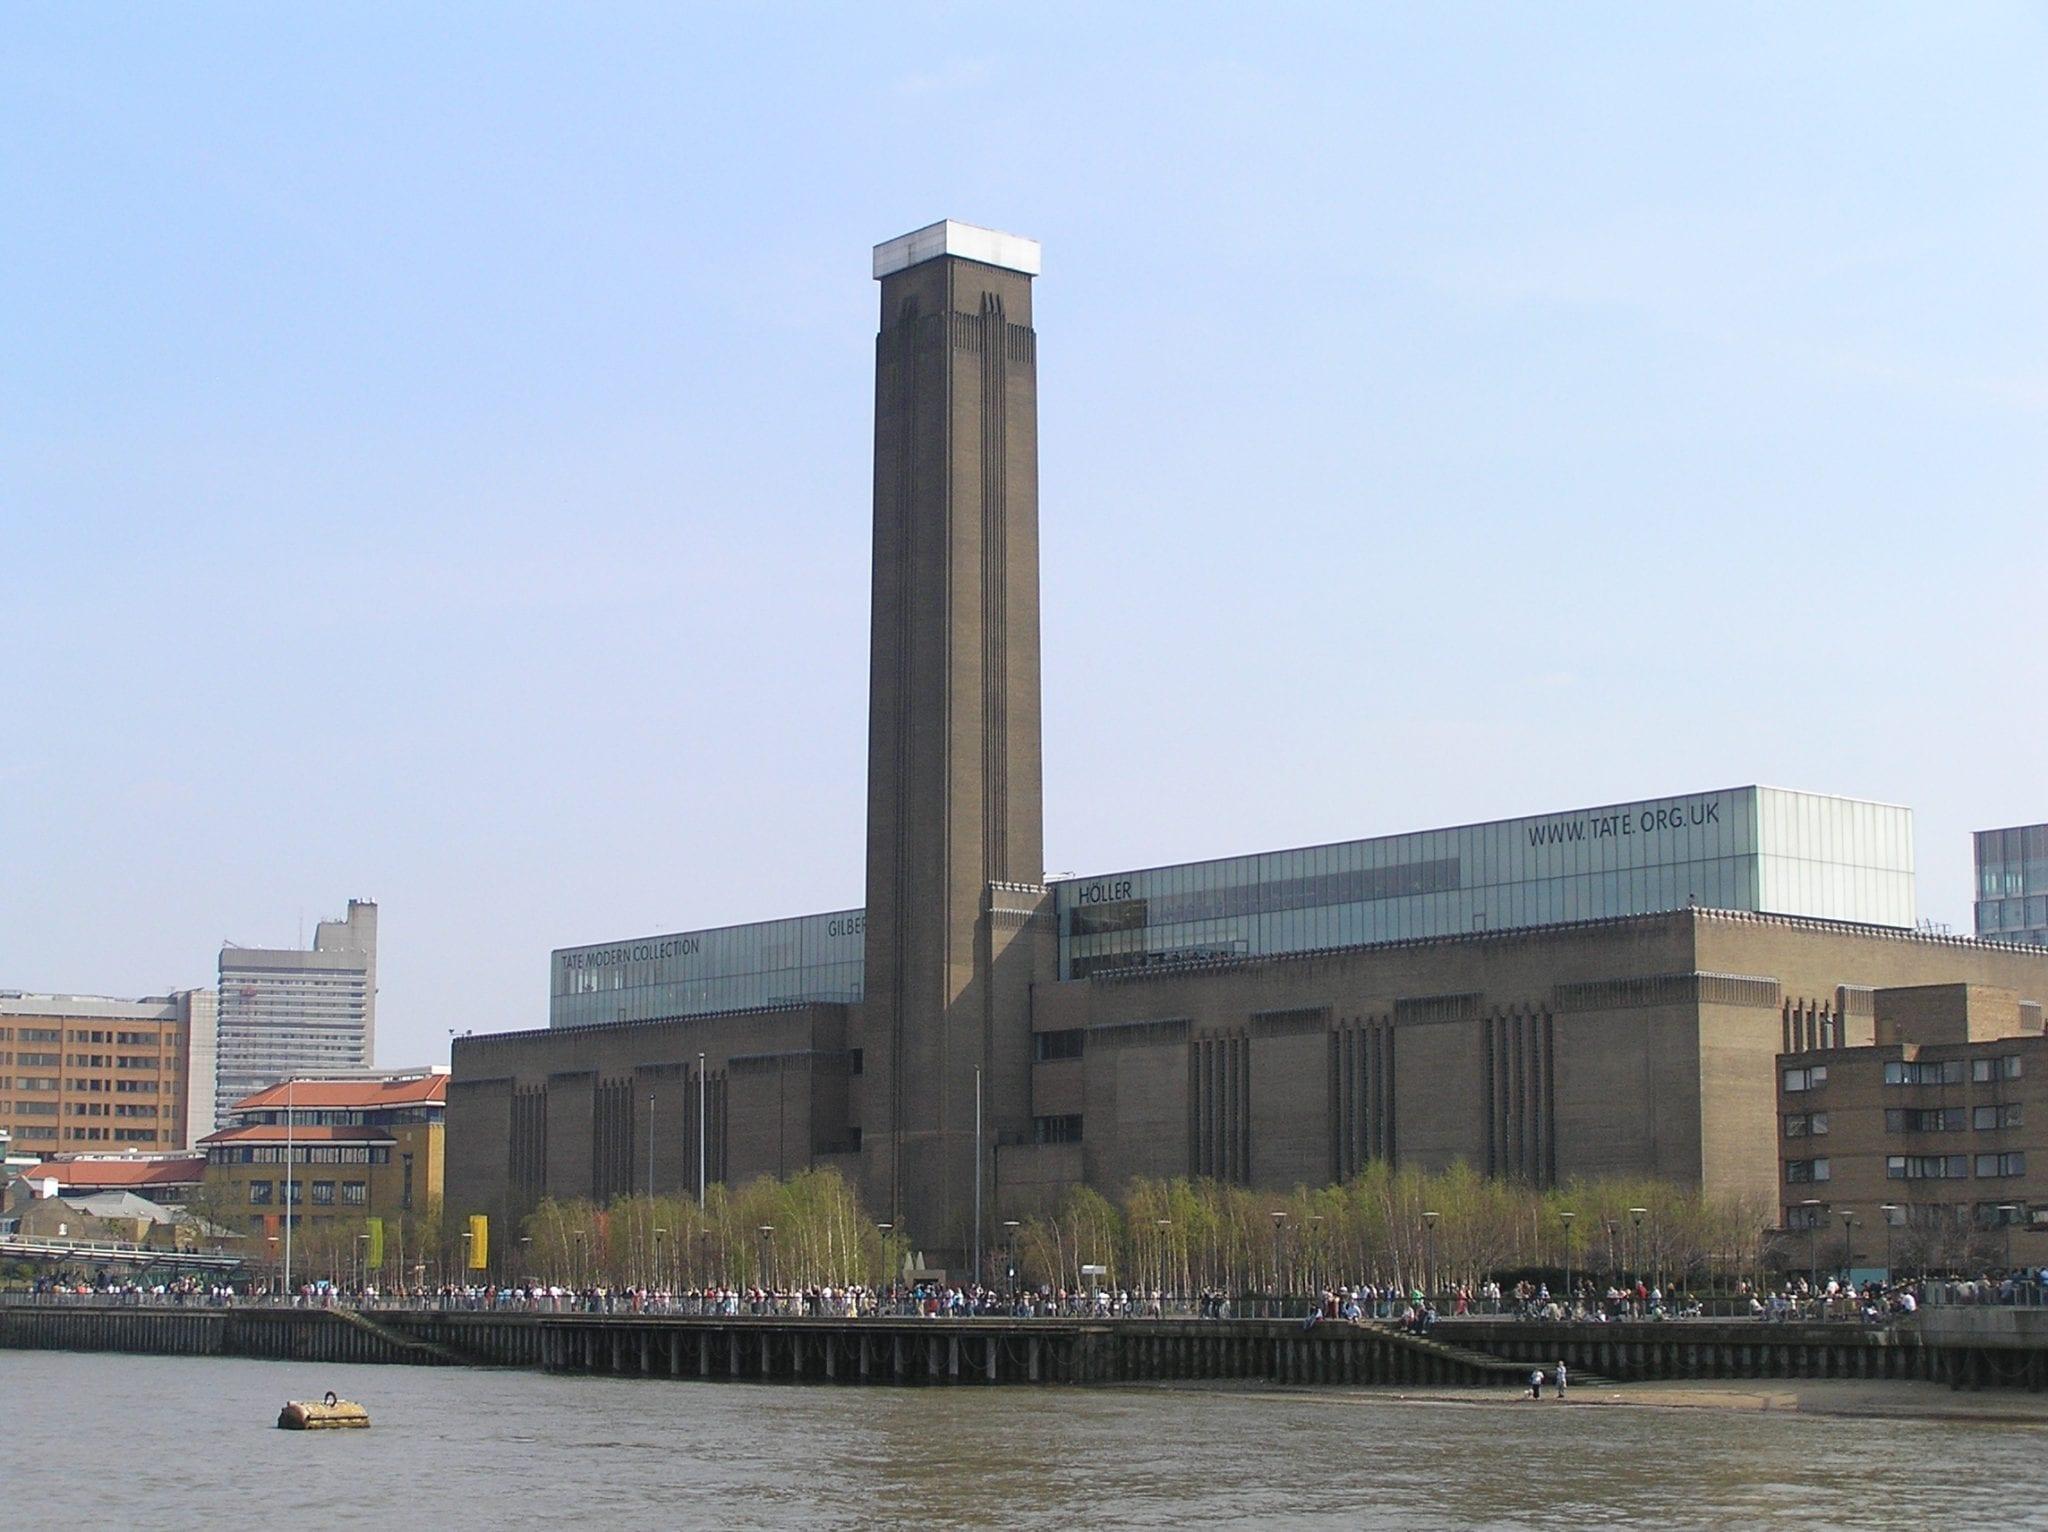 Lista con los Mejores Museos de Londres  TrucosLondres.com